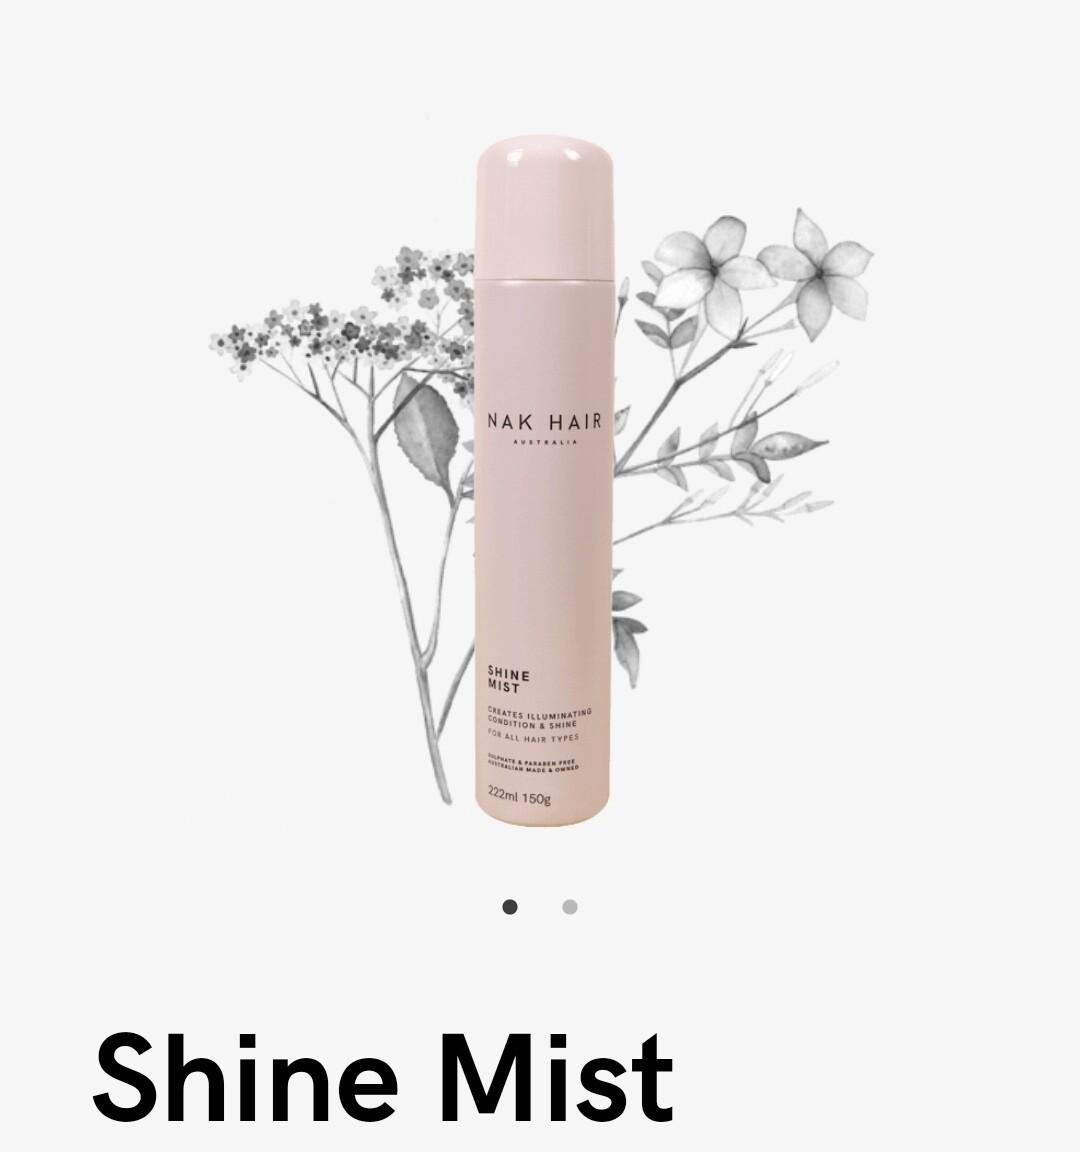 Nak Hair Shine Mist 220mL